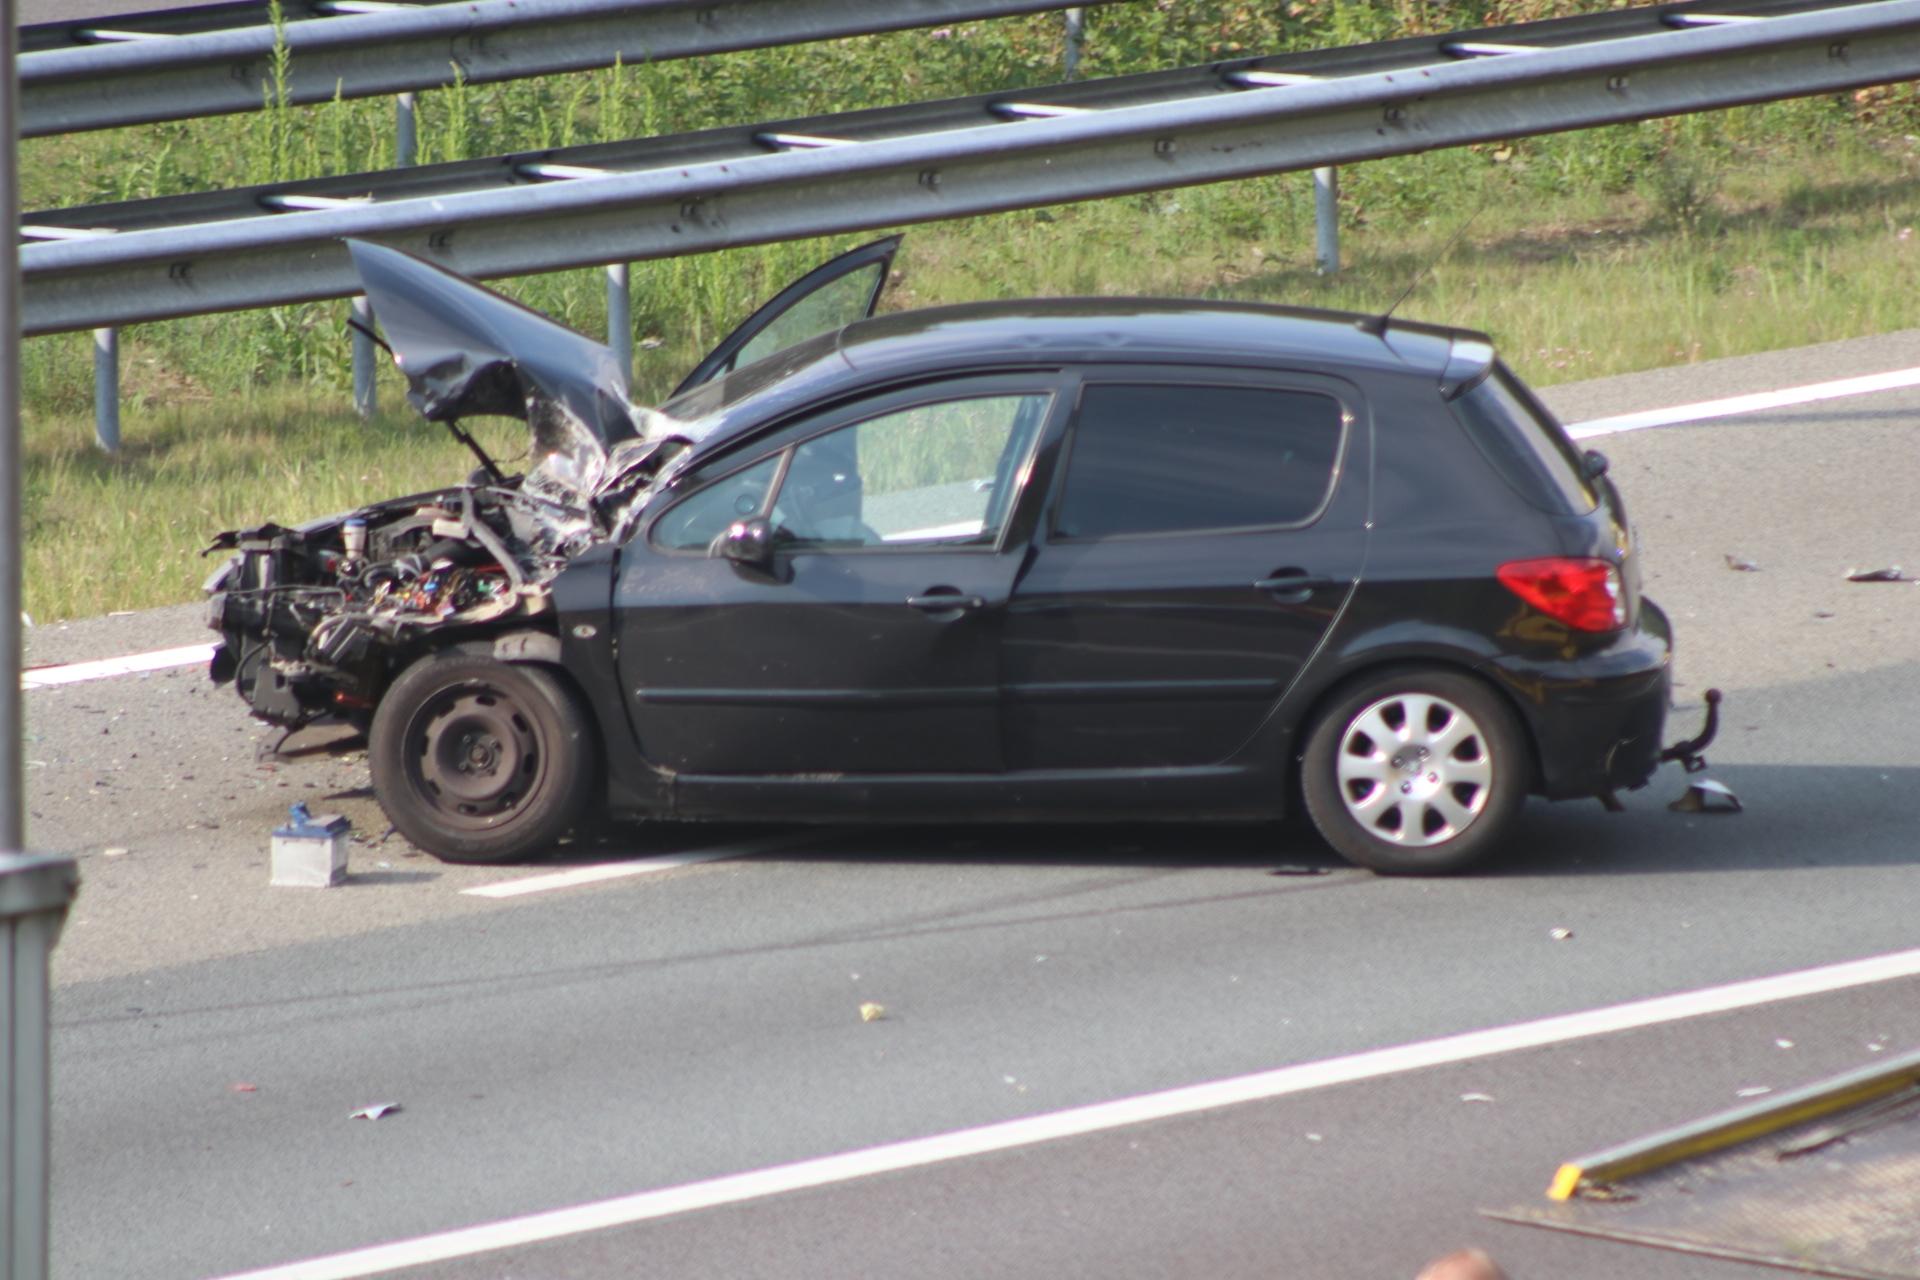 Snelweg afgesloten na ongeval met meerdere autos'